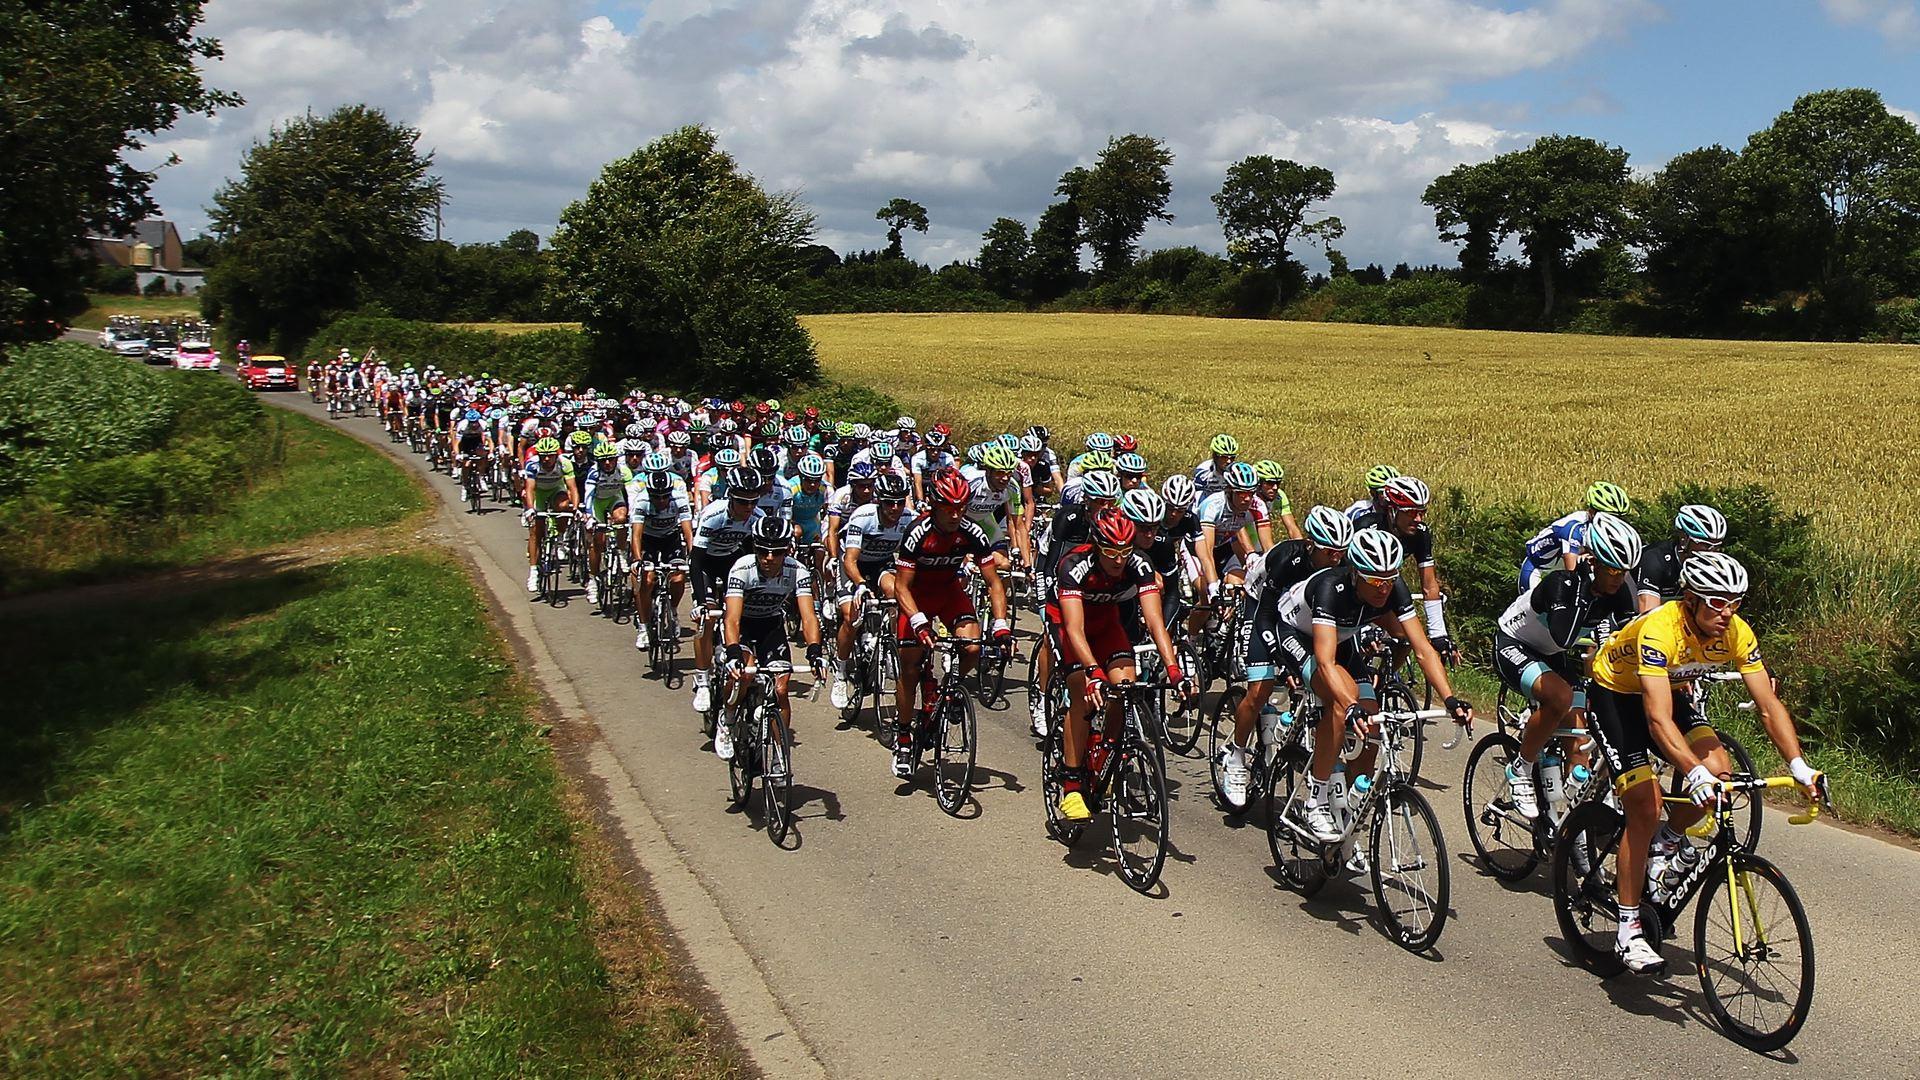 1372432424000 Tour de Francejpg 1920x1080